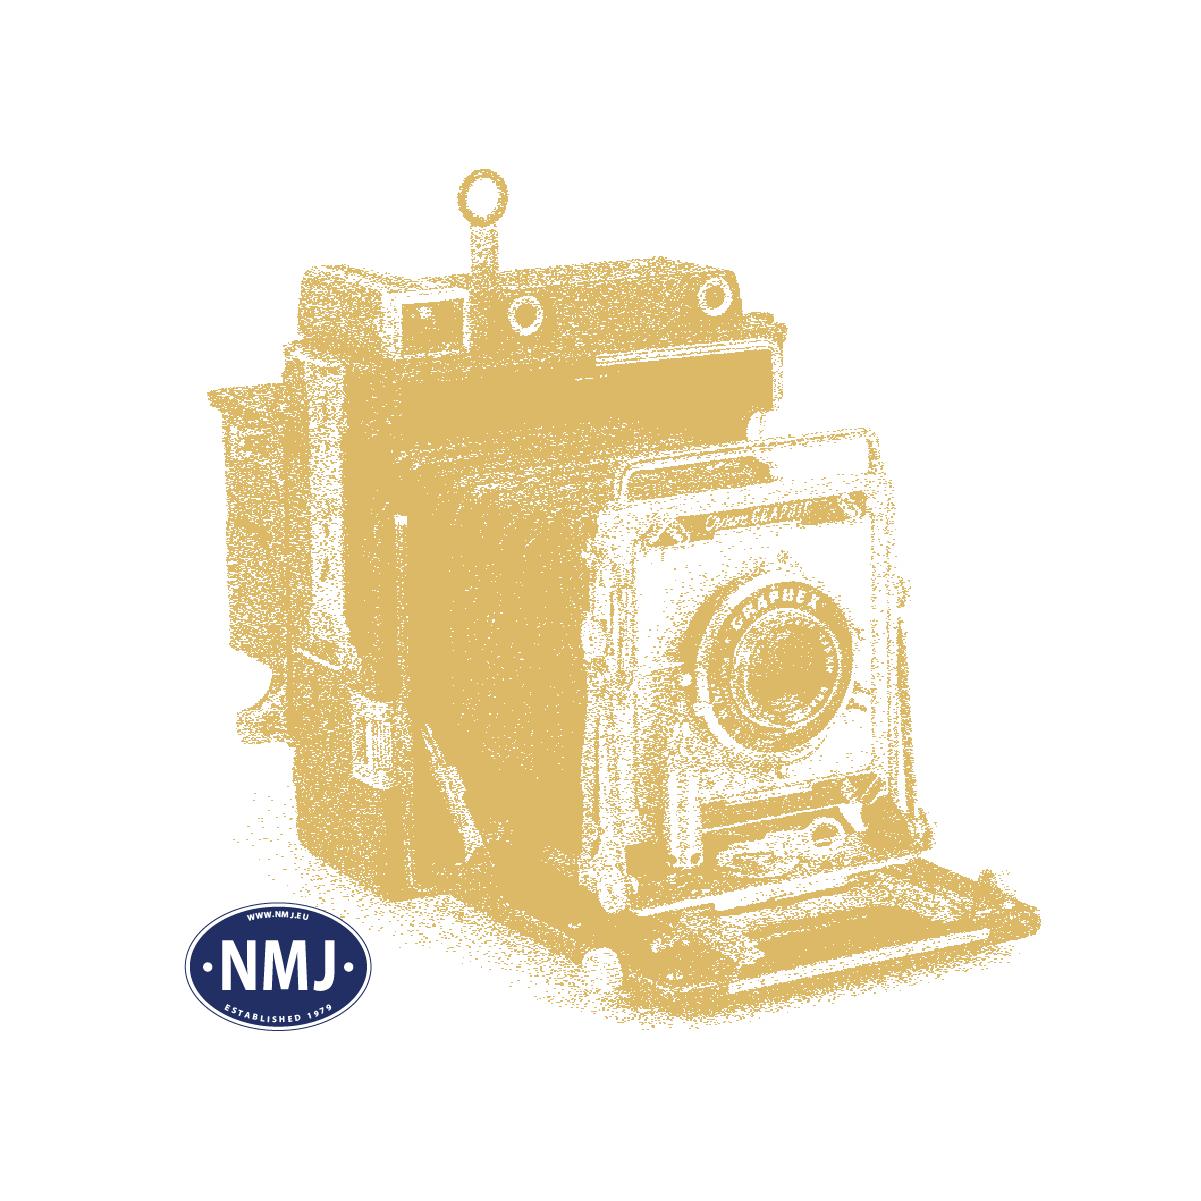 Militære Kjøretøy, M48 A2 Combat Ready US Army Vietnam War, ART6870063